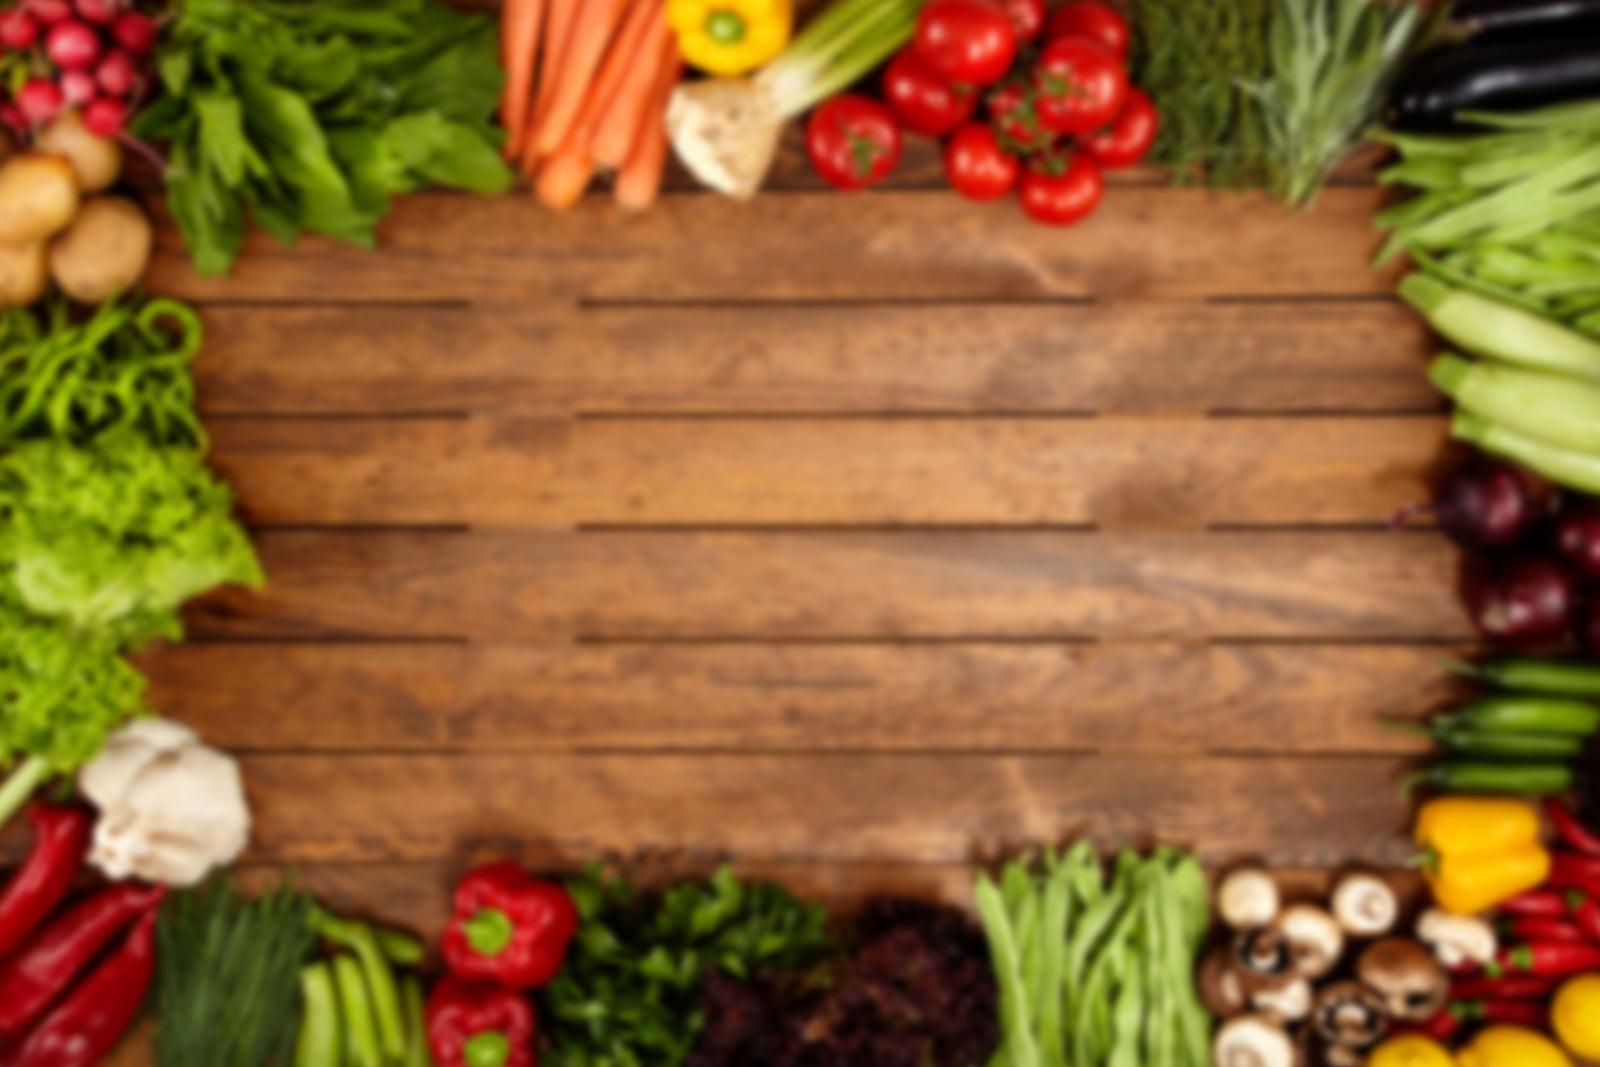 Wallpaper Fruits and Vegetables - WallpaperSafari